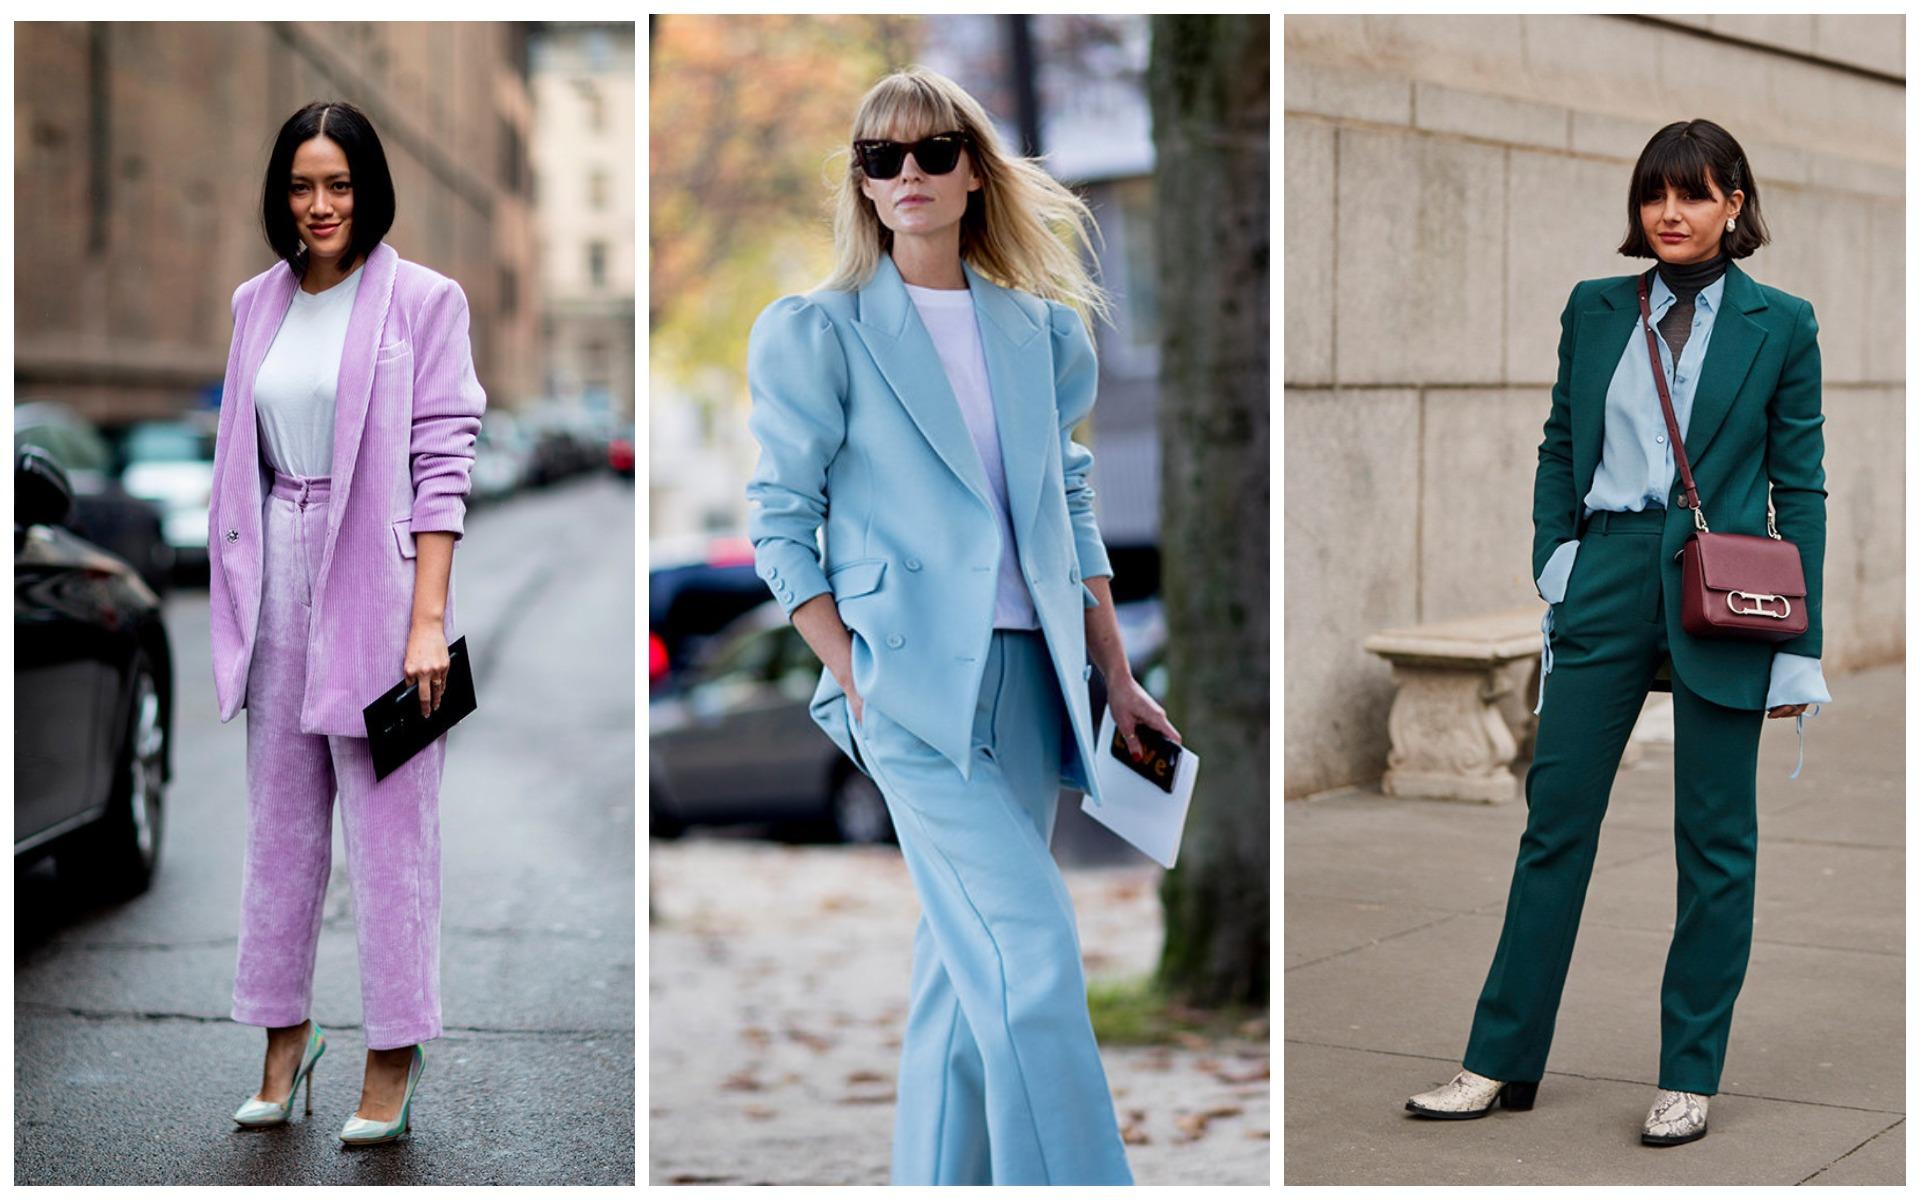 Брючный костюм выбирайте пастельных или классических оттенков